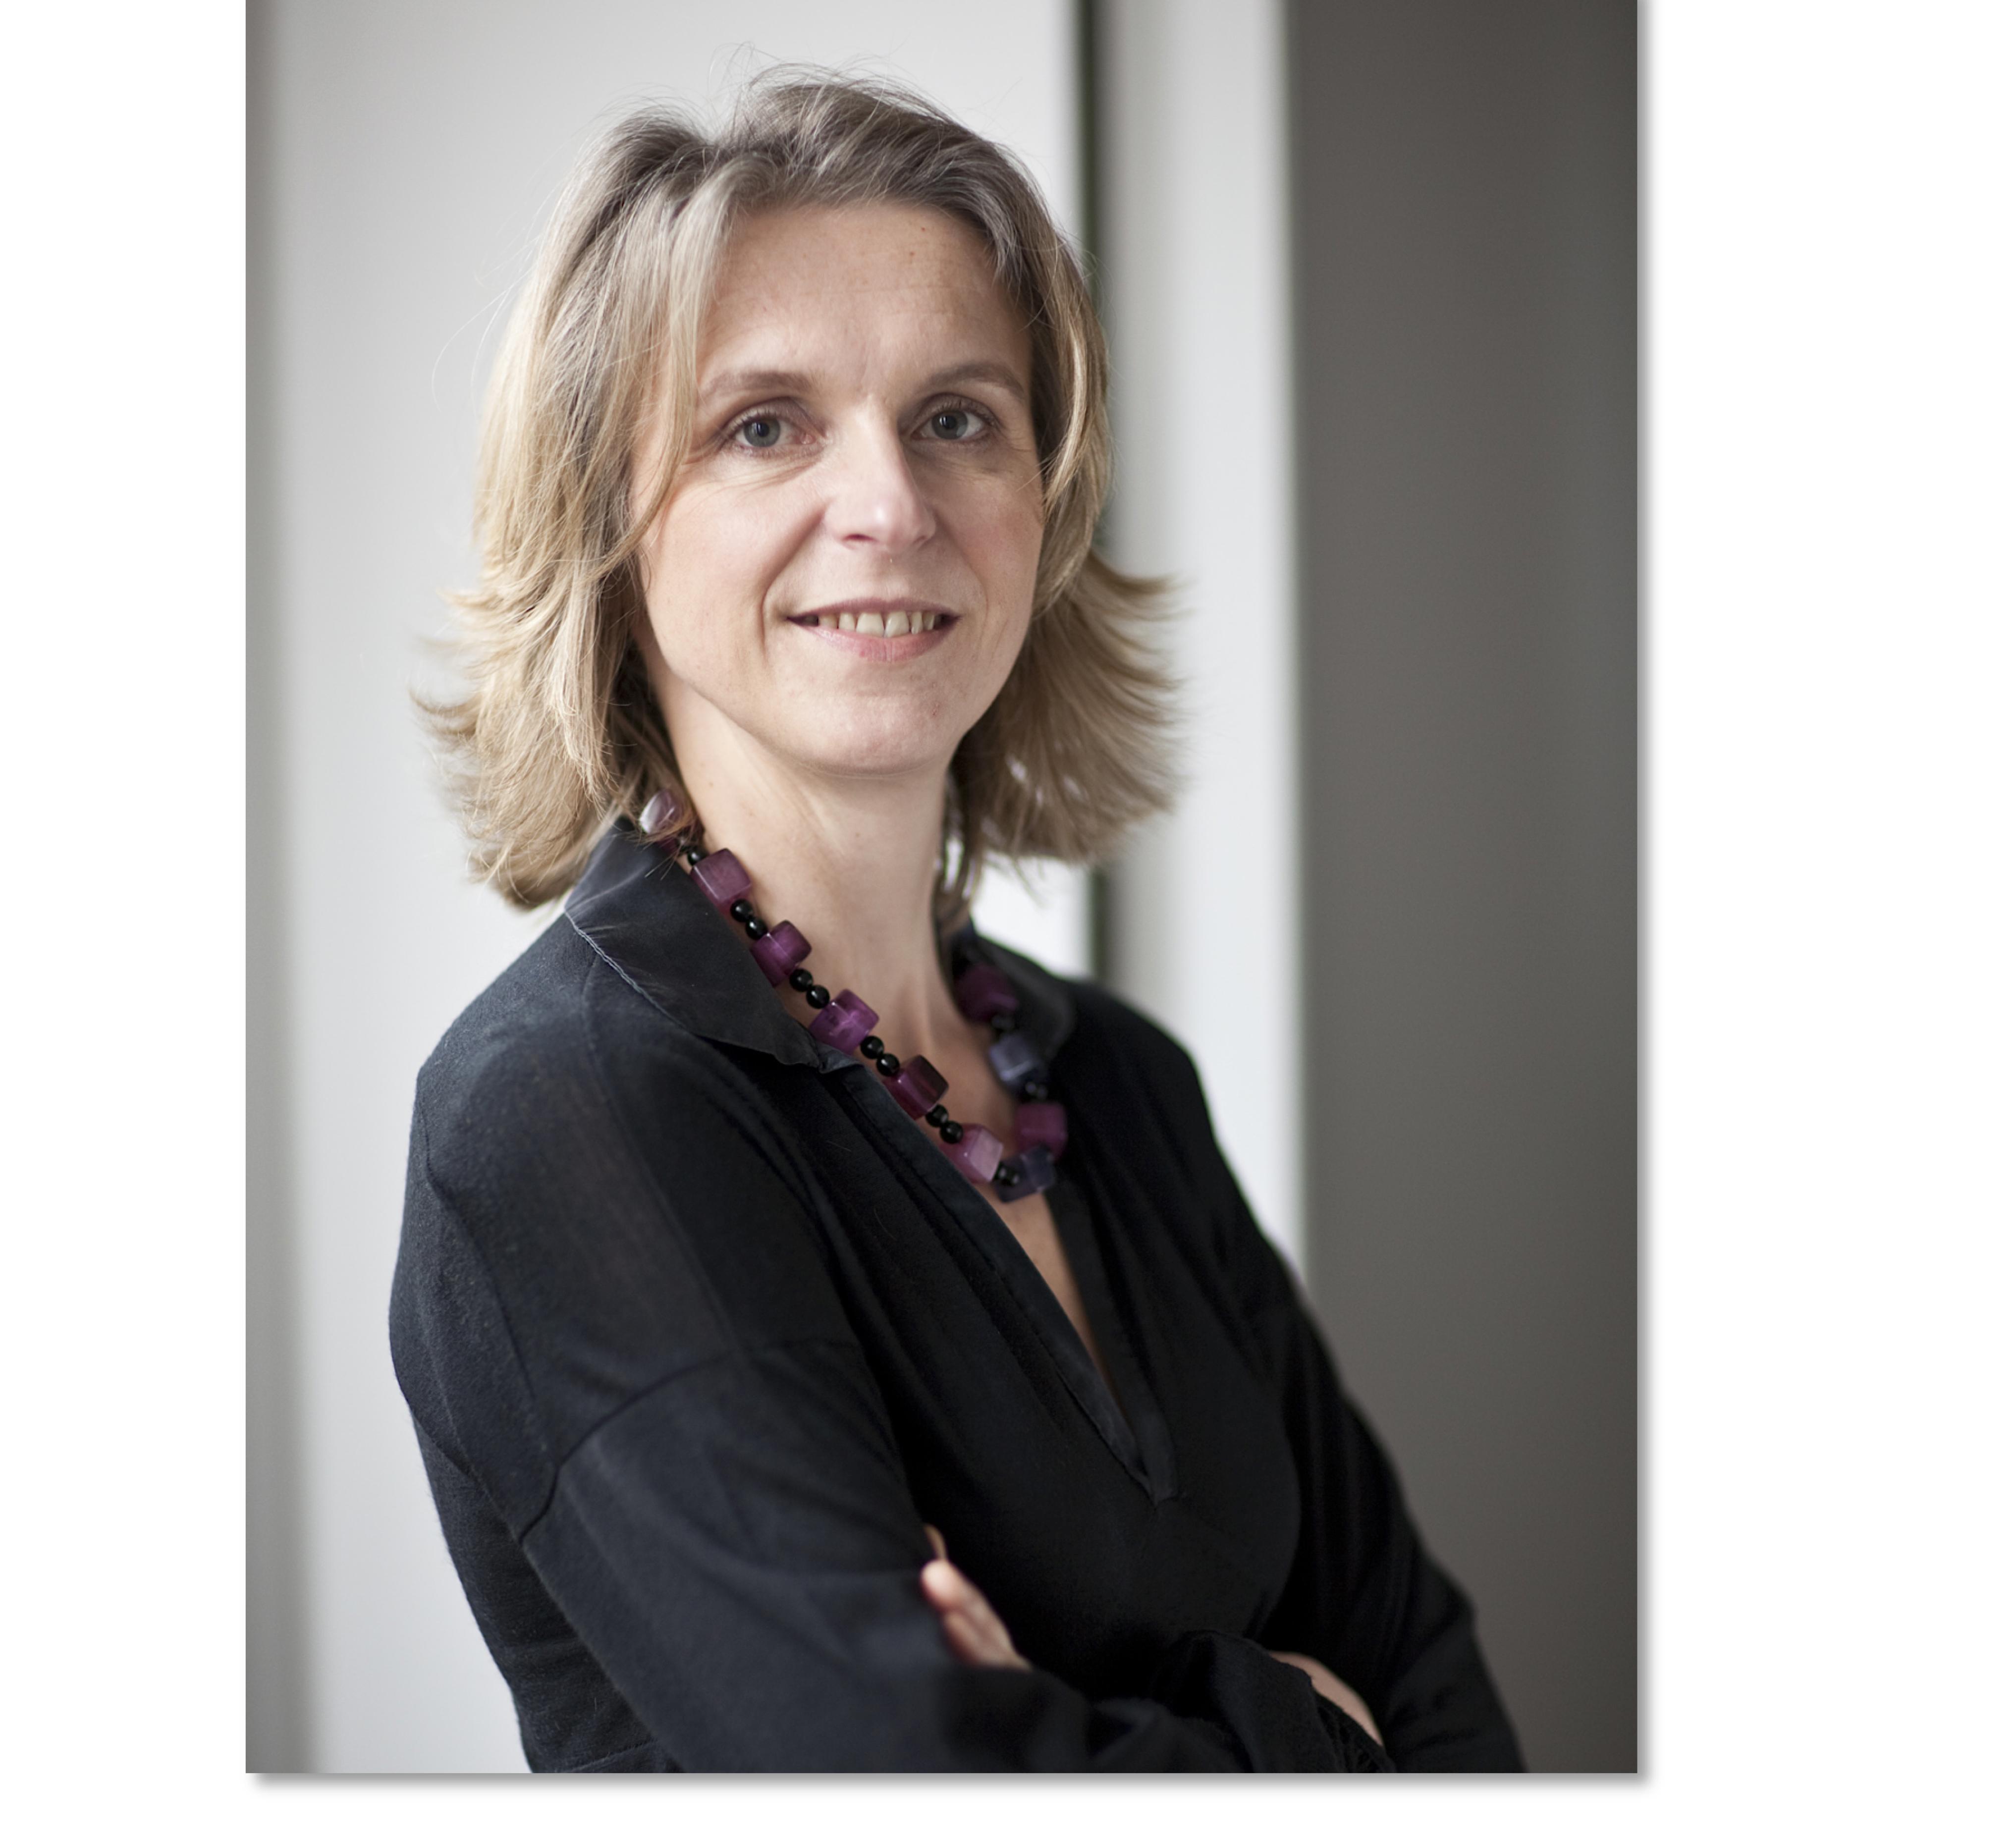 Dîner débat AFA 2017 Nathalie Meyer Fabre